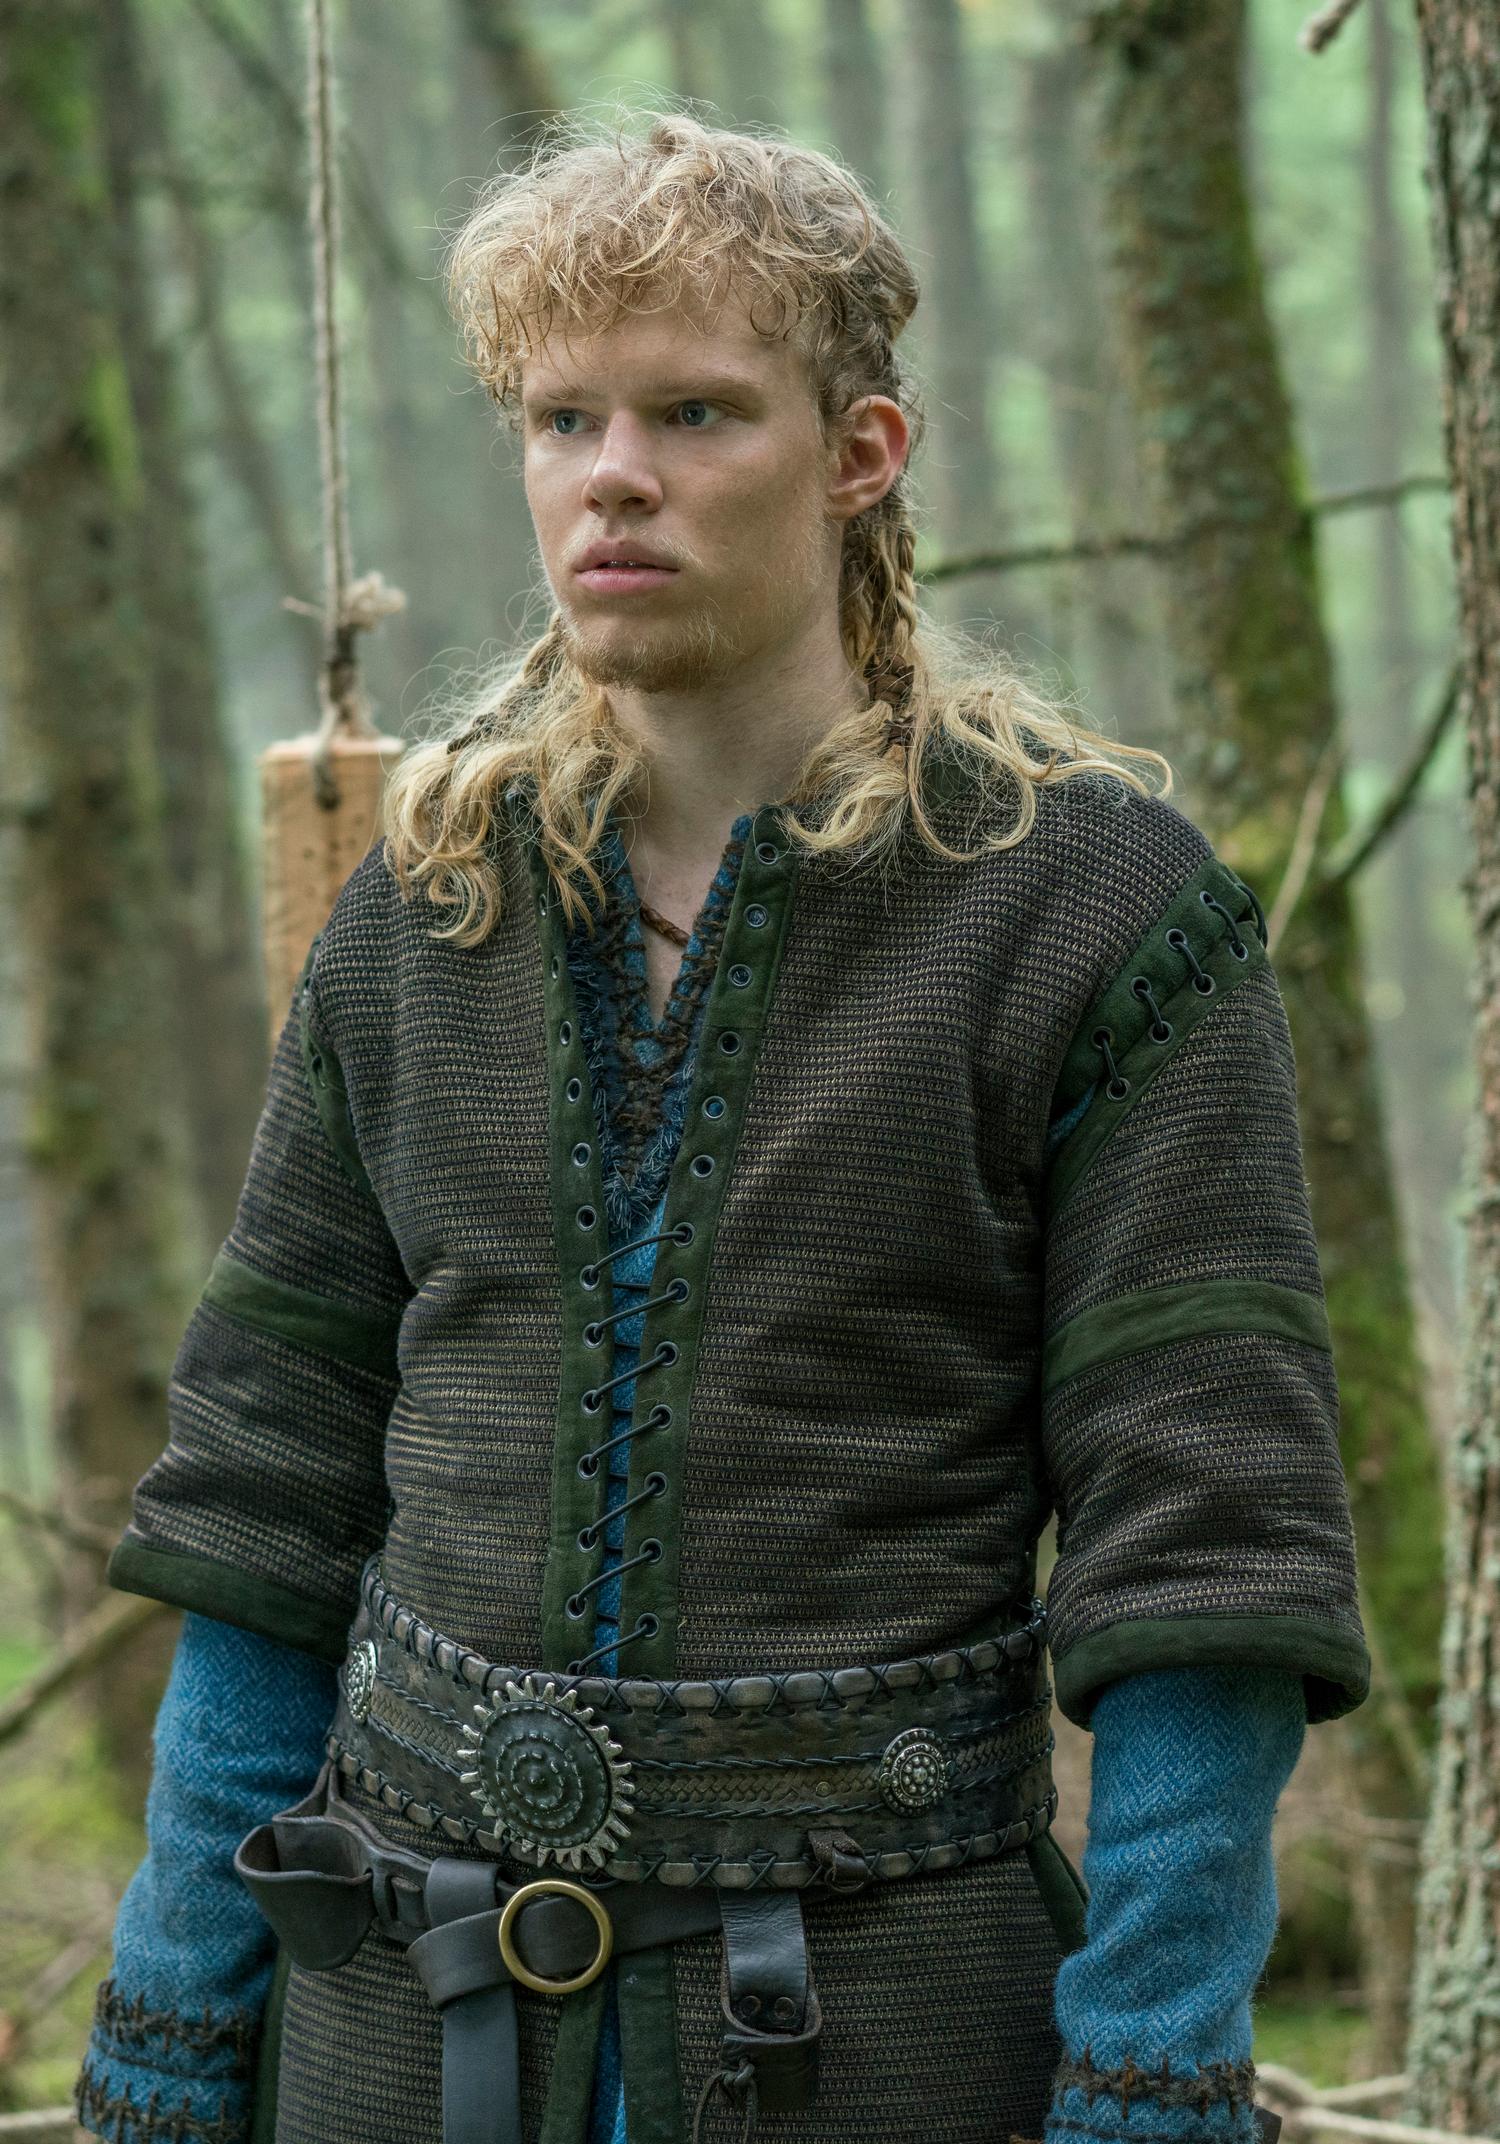 Vikings Sigurd